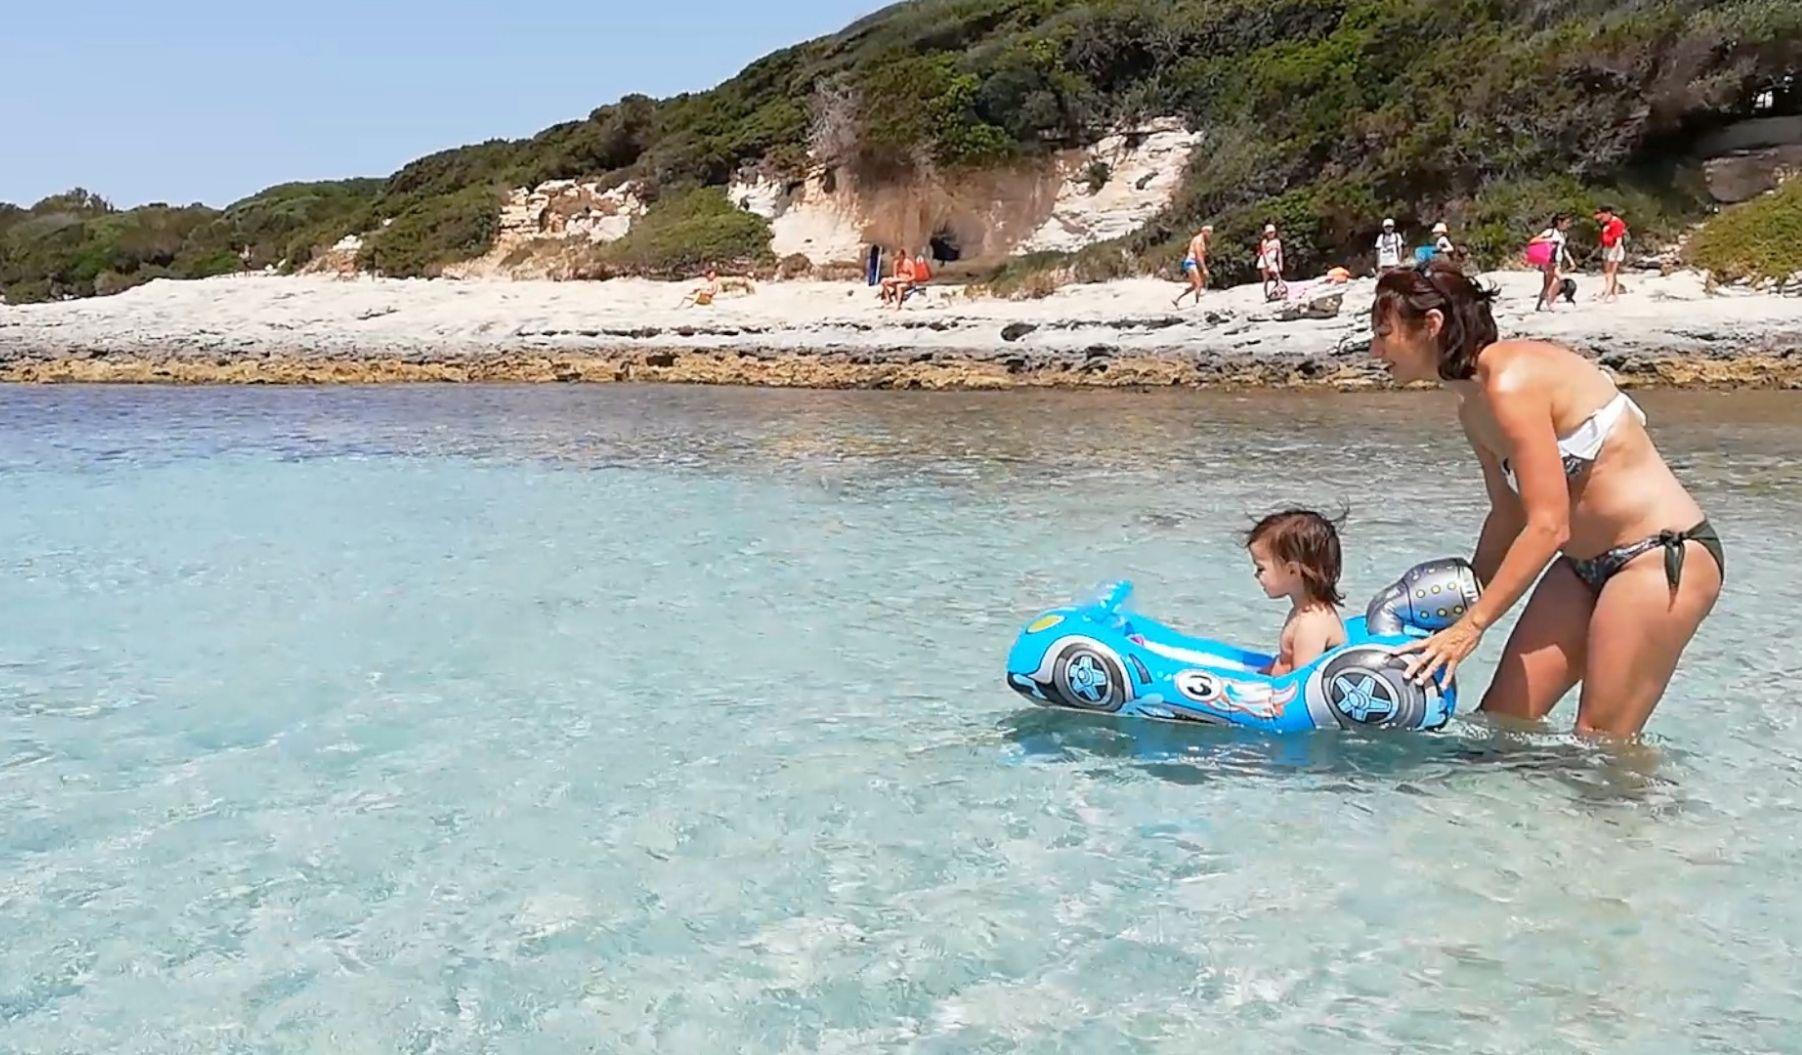 Foto Divertenti Bambini Al Mare 30 giochi ed attivita' da fare al mare con bambini piccoli